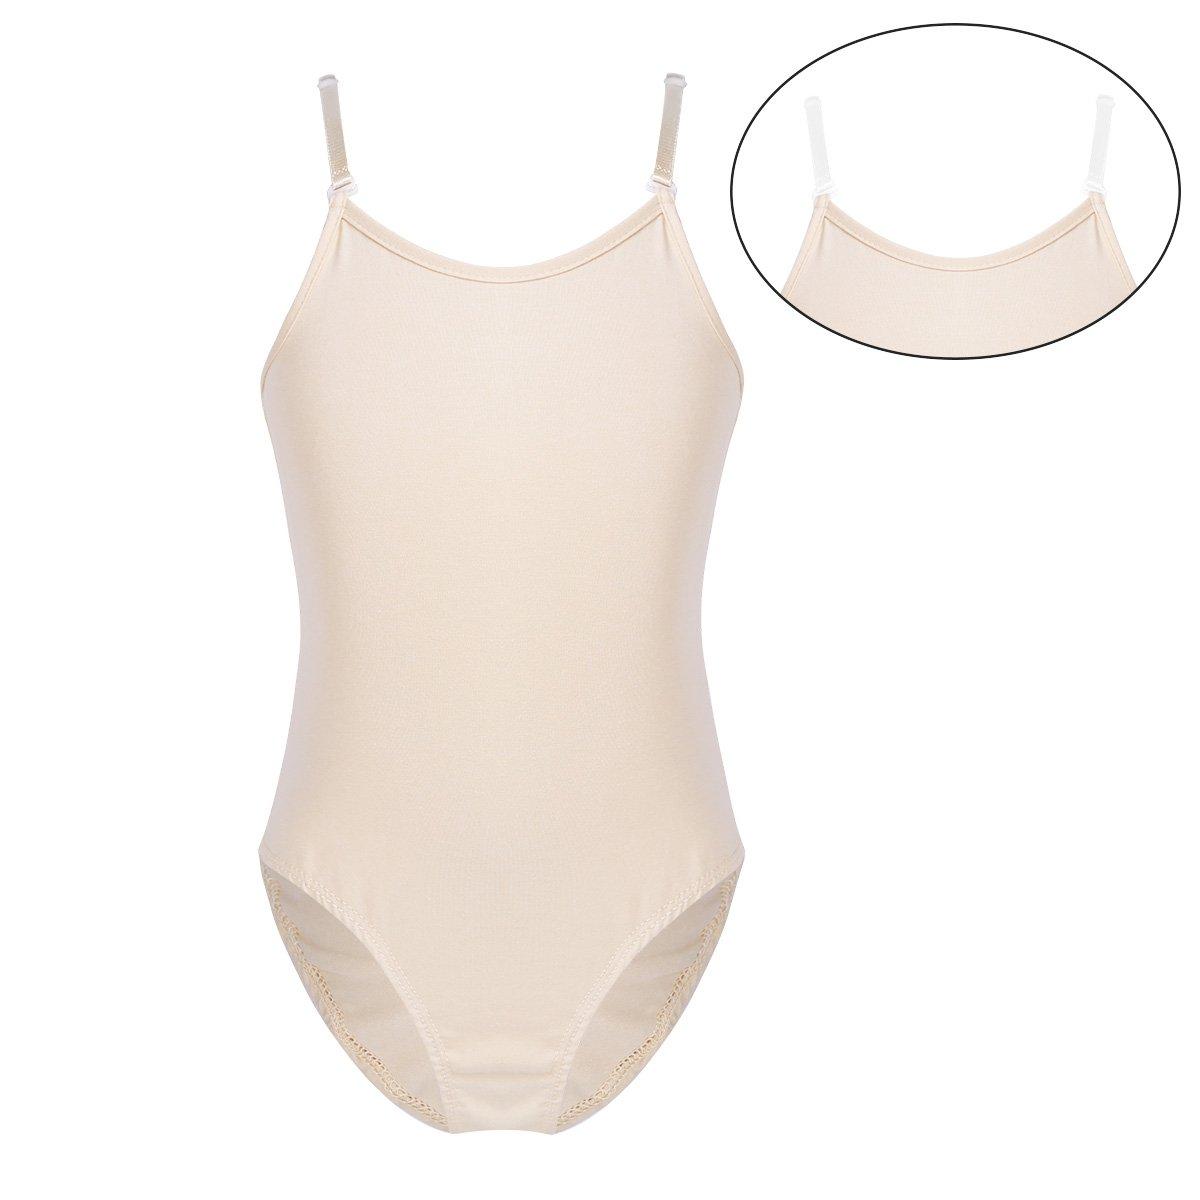 最終決算 dPois Straps) SOCKSHOSIERY ガールズ B07FQ629NH 8// 43687 10|Nude (Adjustable Straps) Nude (Adjustable Straps) 43687, 革財布長財布HIRAMEKI.ヒラメキ:707844c0 --- womaniyya.com